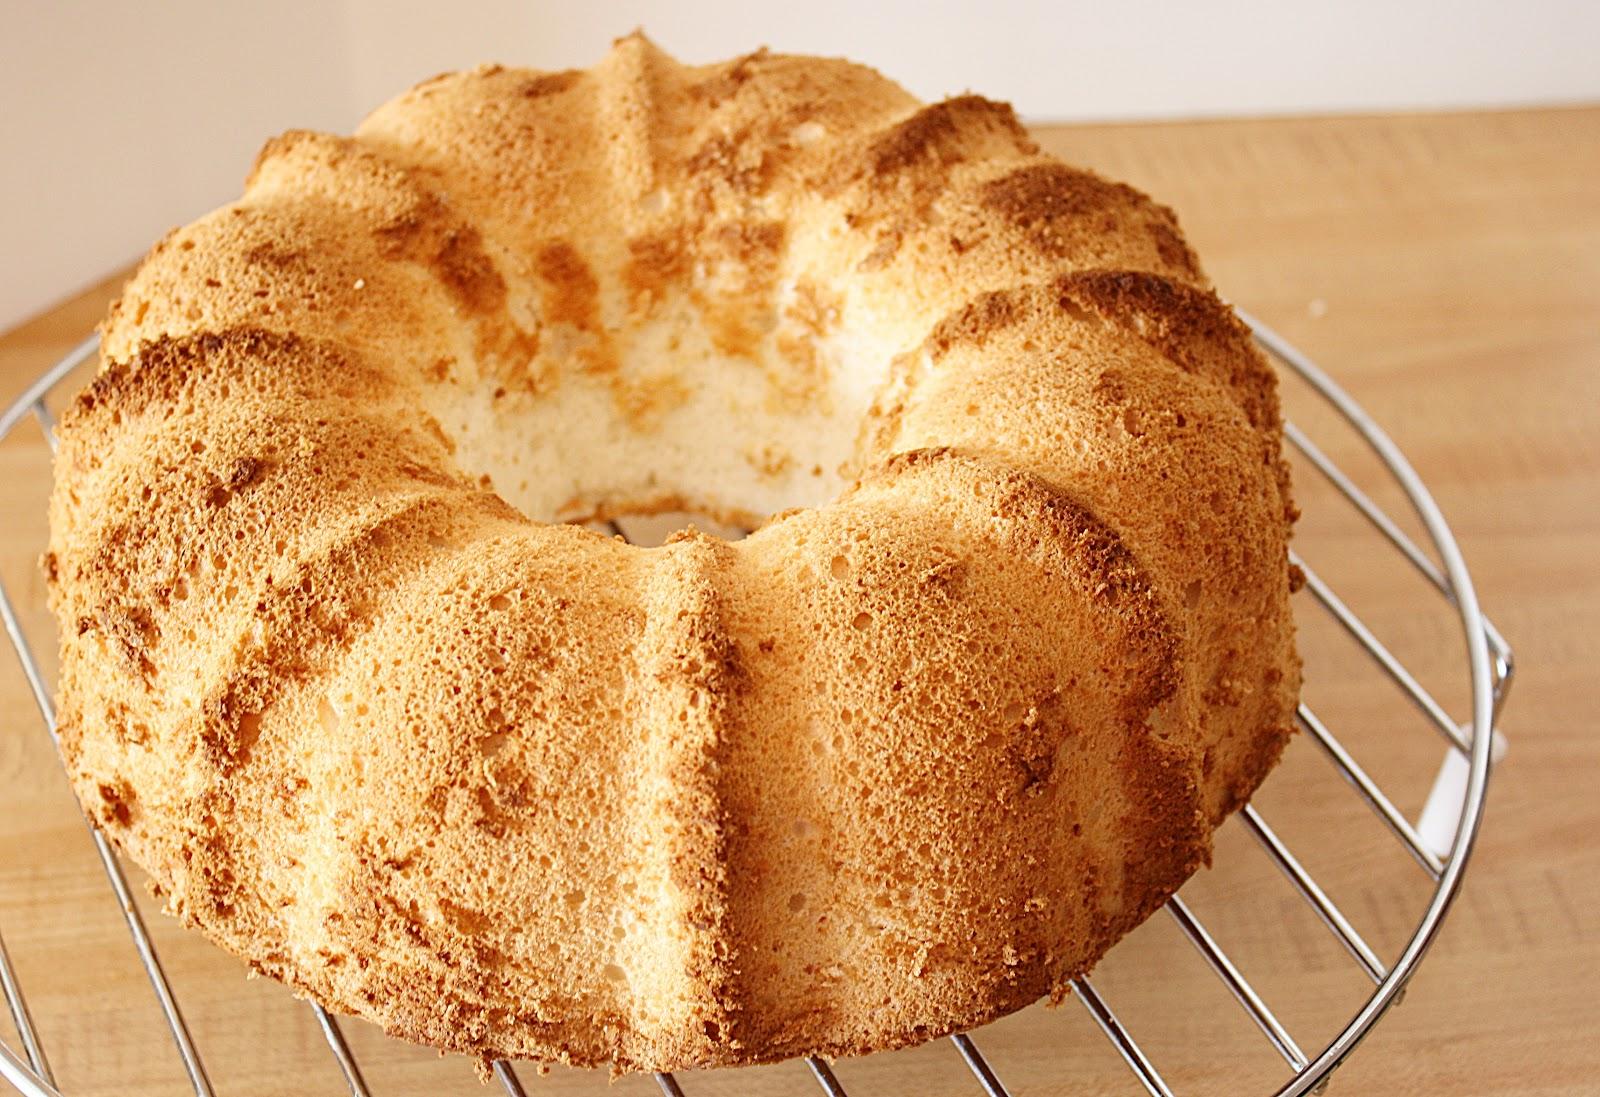 Angel Food Cake Pan Instead Of Bundt Pan